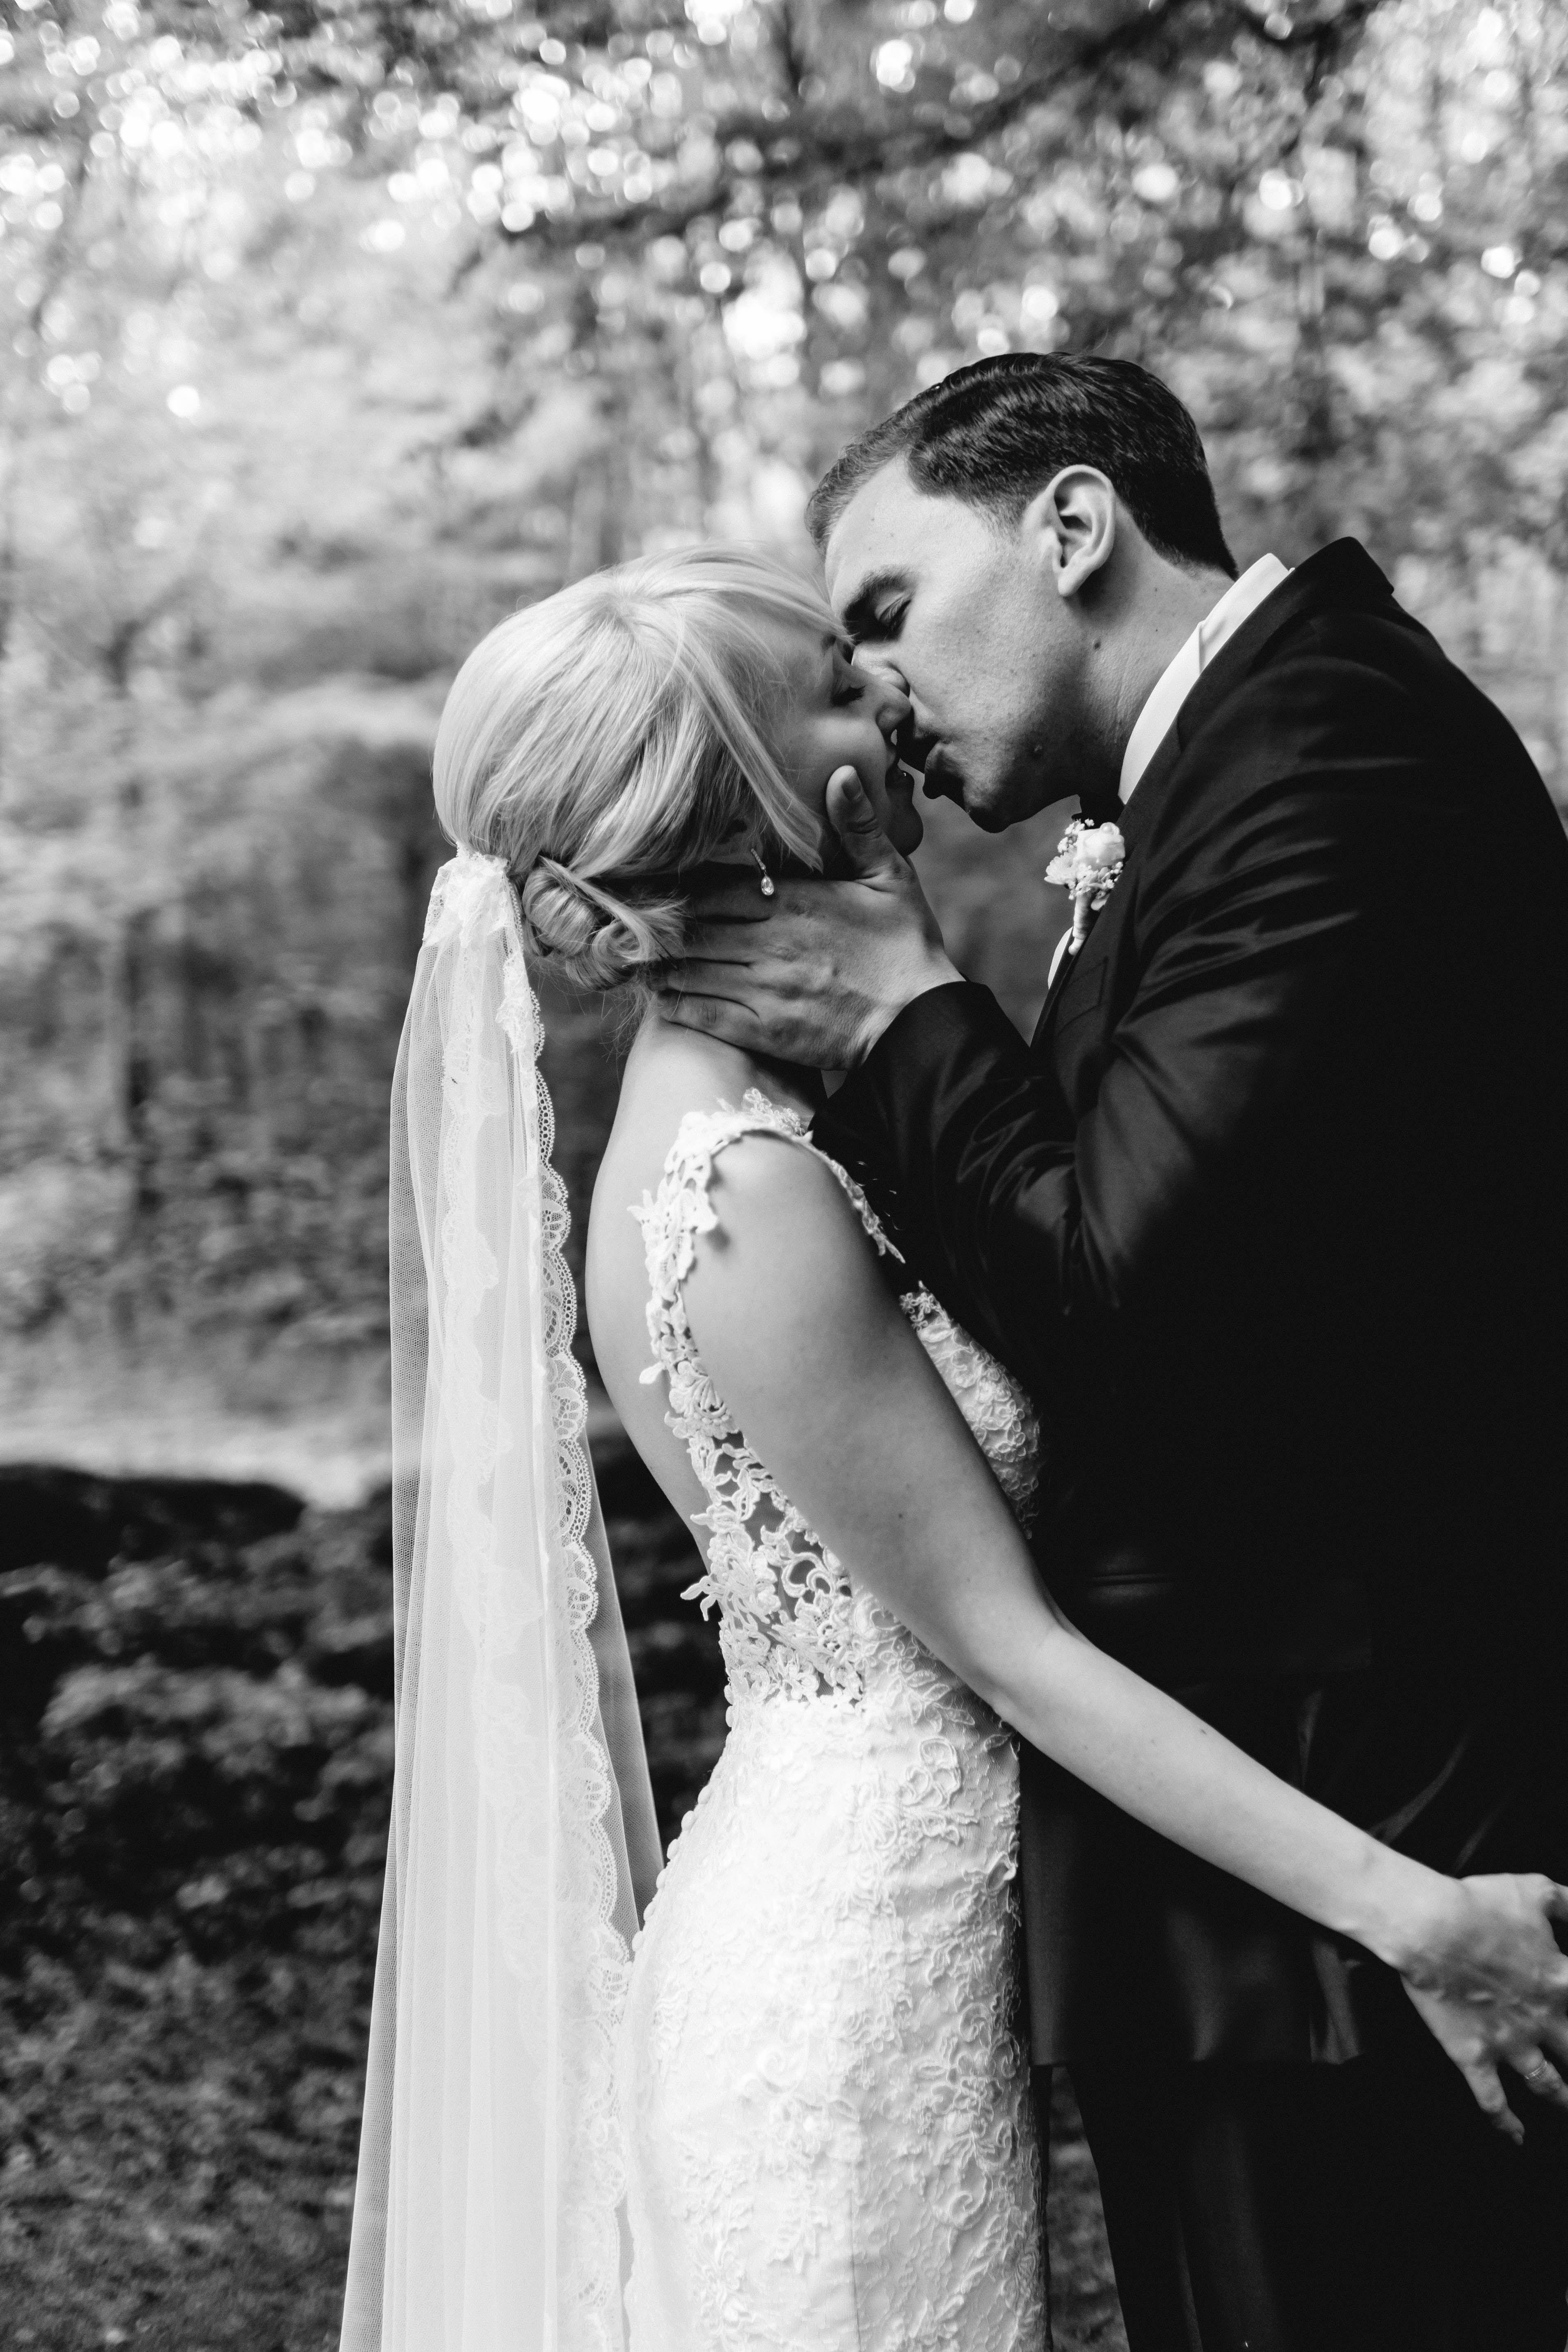 Hochzeit, Hochzeitsfoto, Ideen, Hochzeitsbild, Wedding picture ...